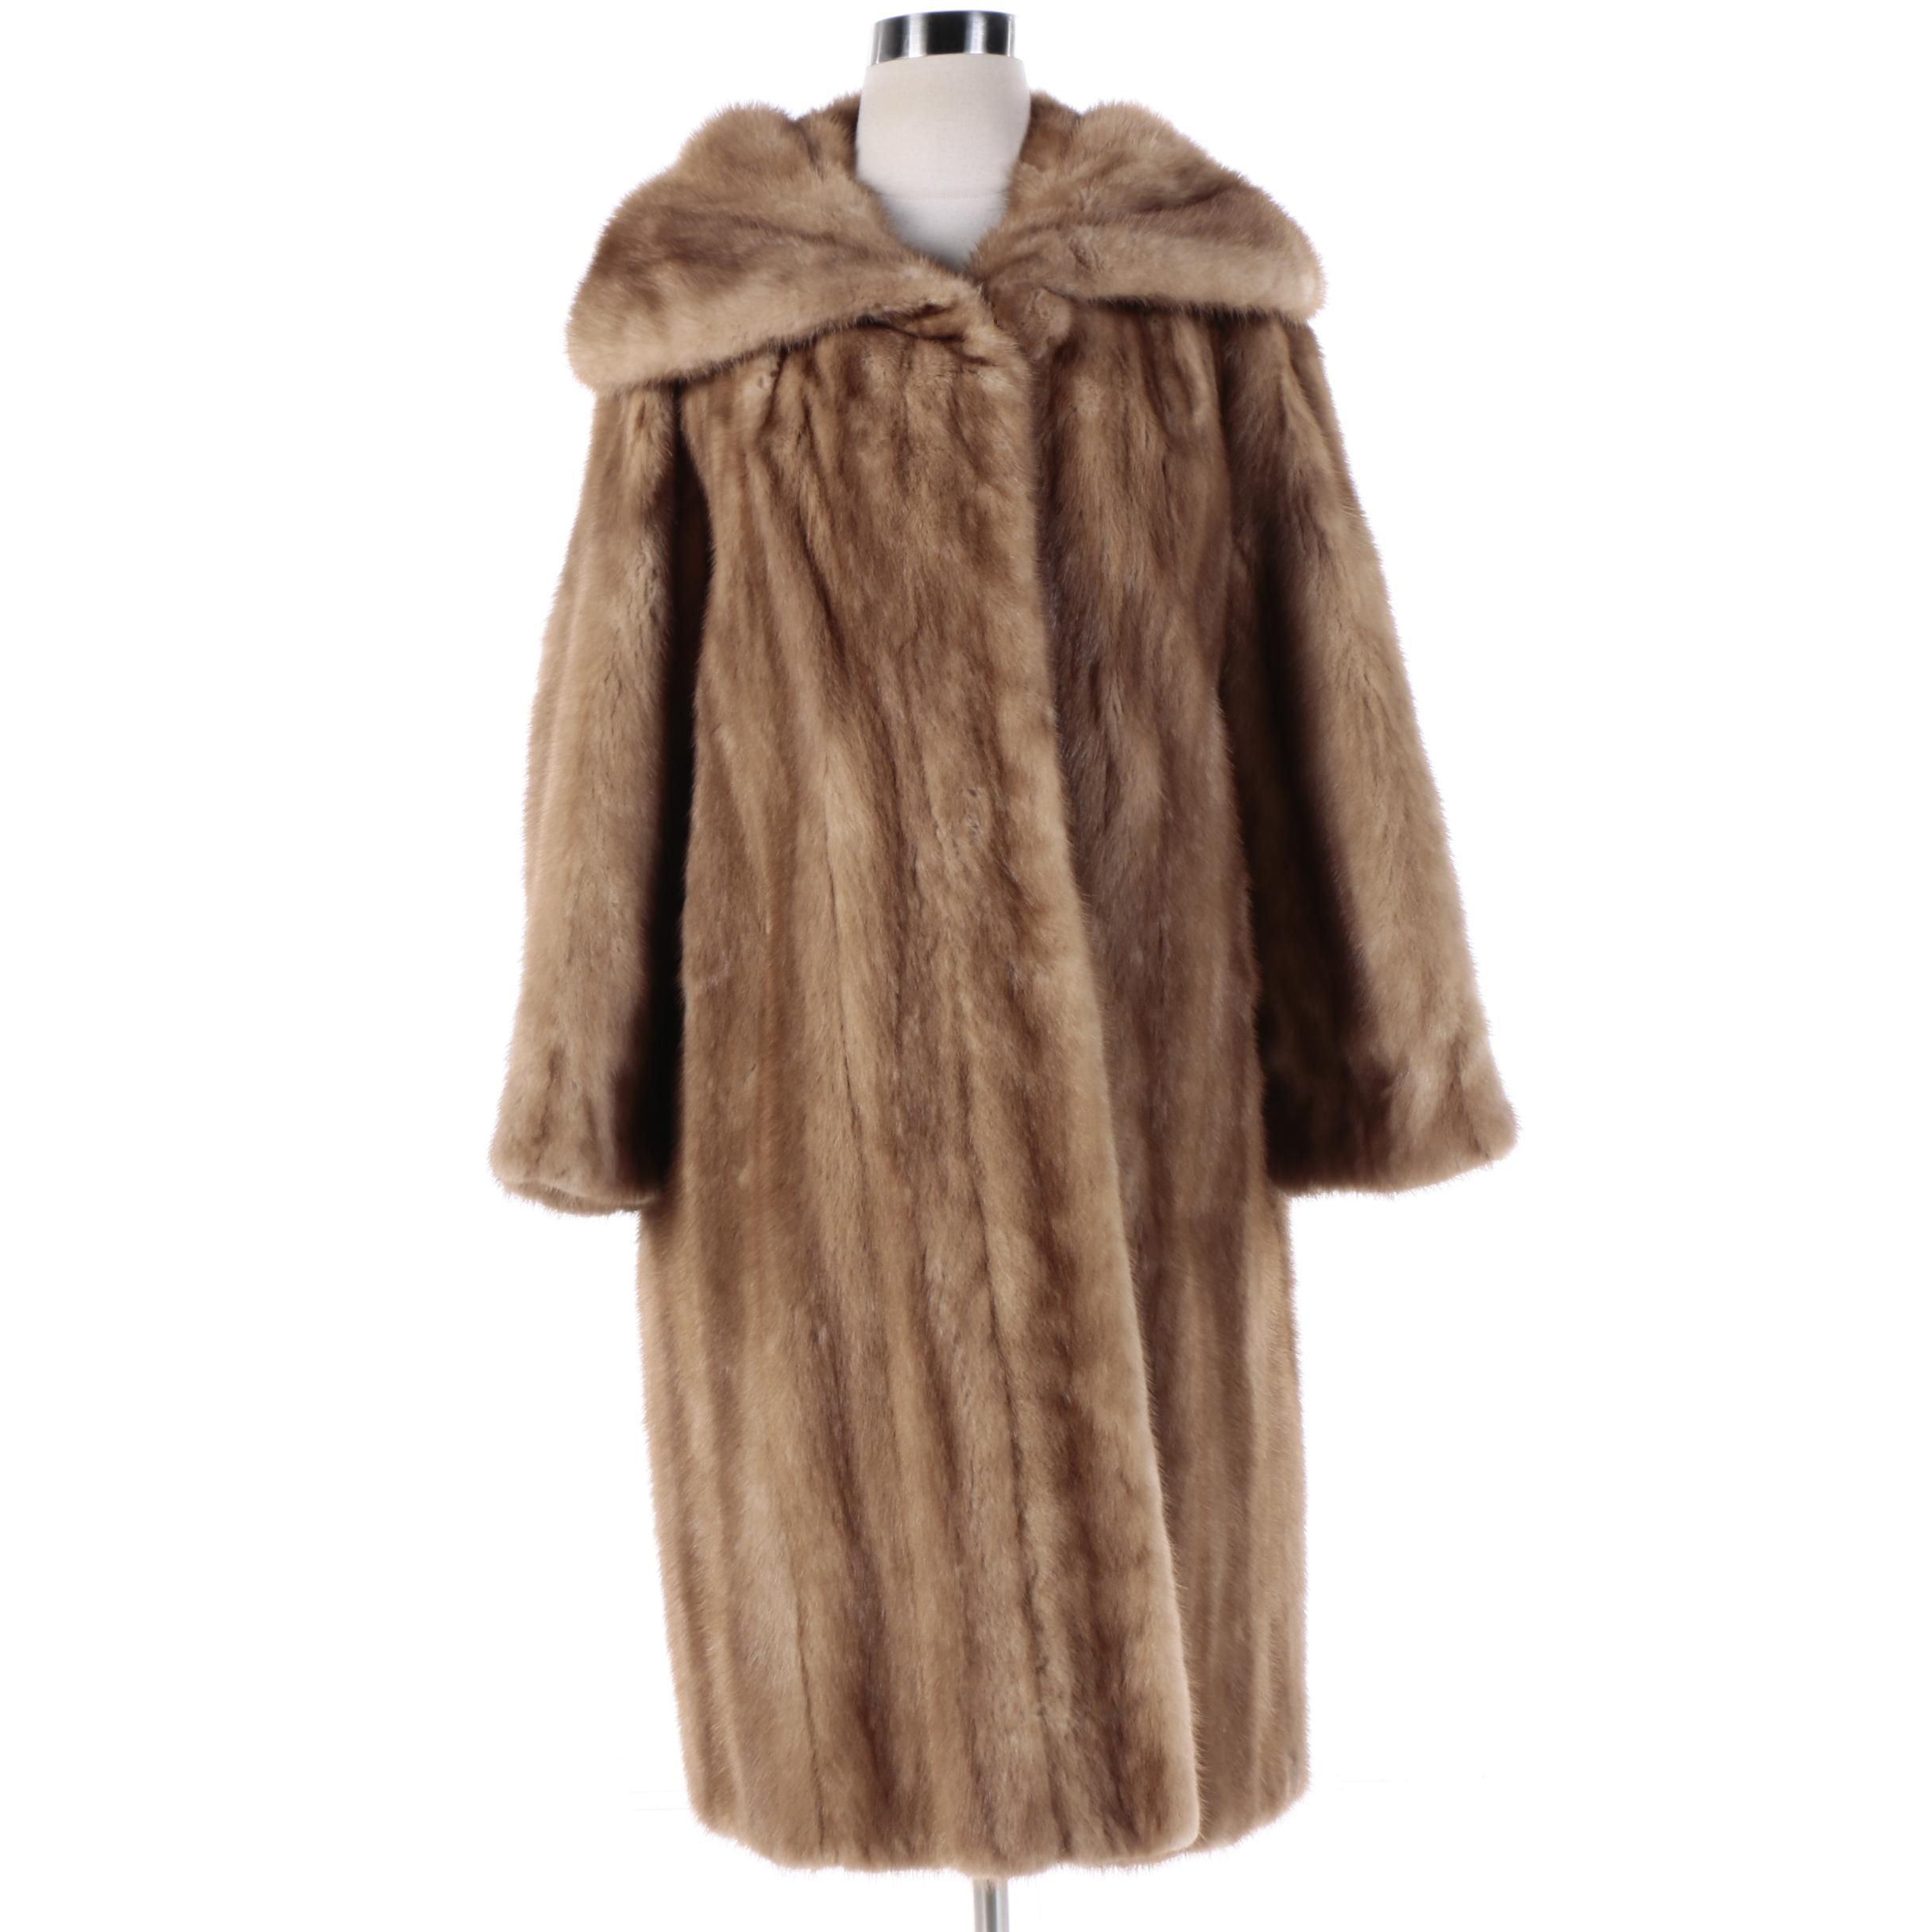 Women's Vintage Full-Length Mink Fur Coat